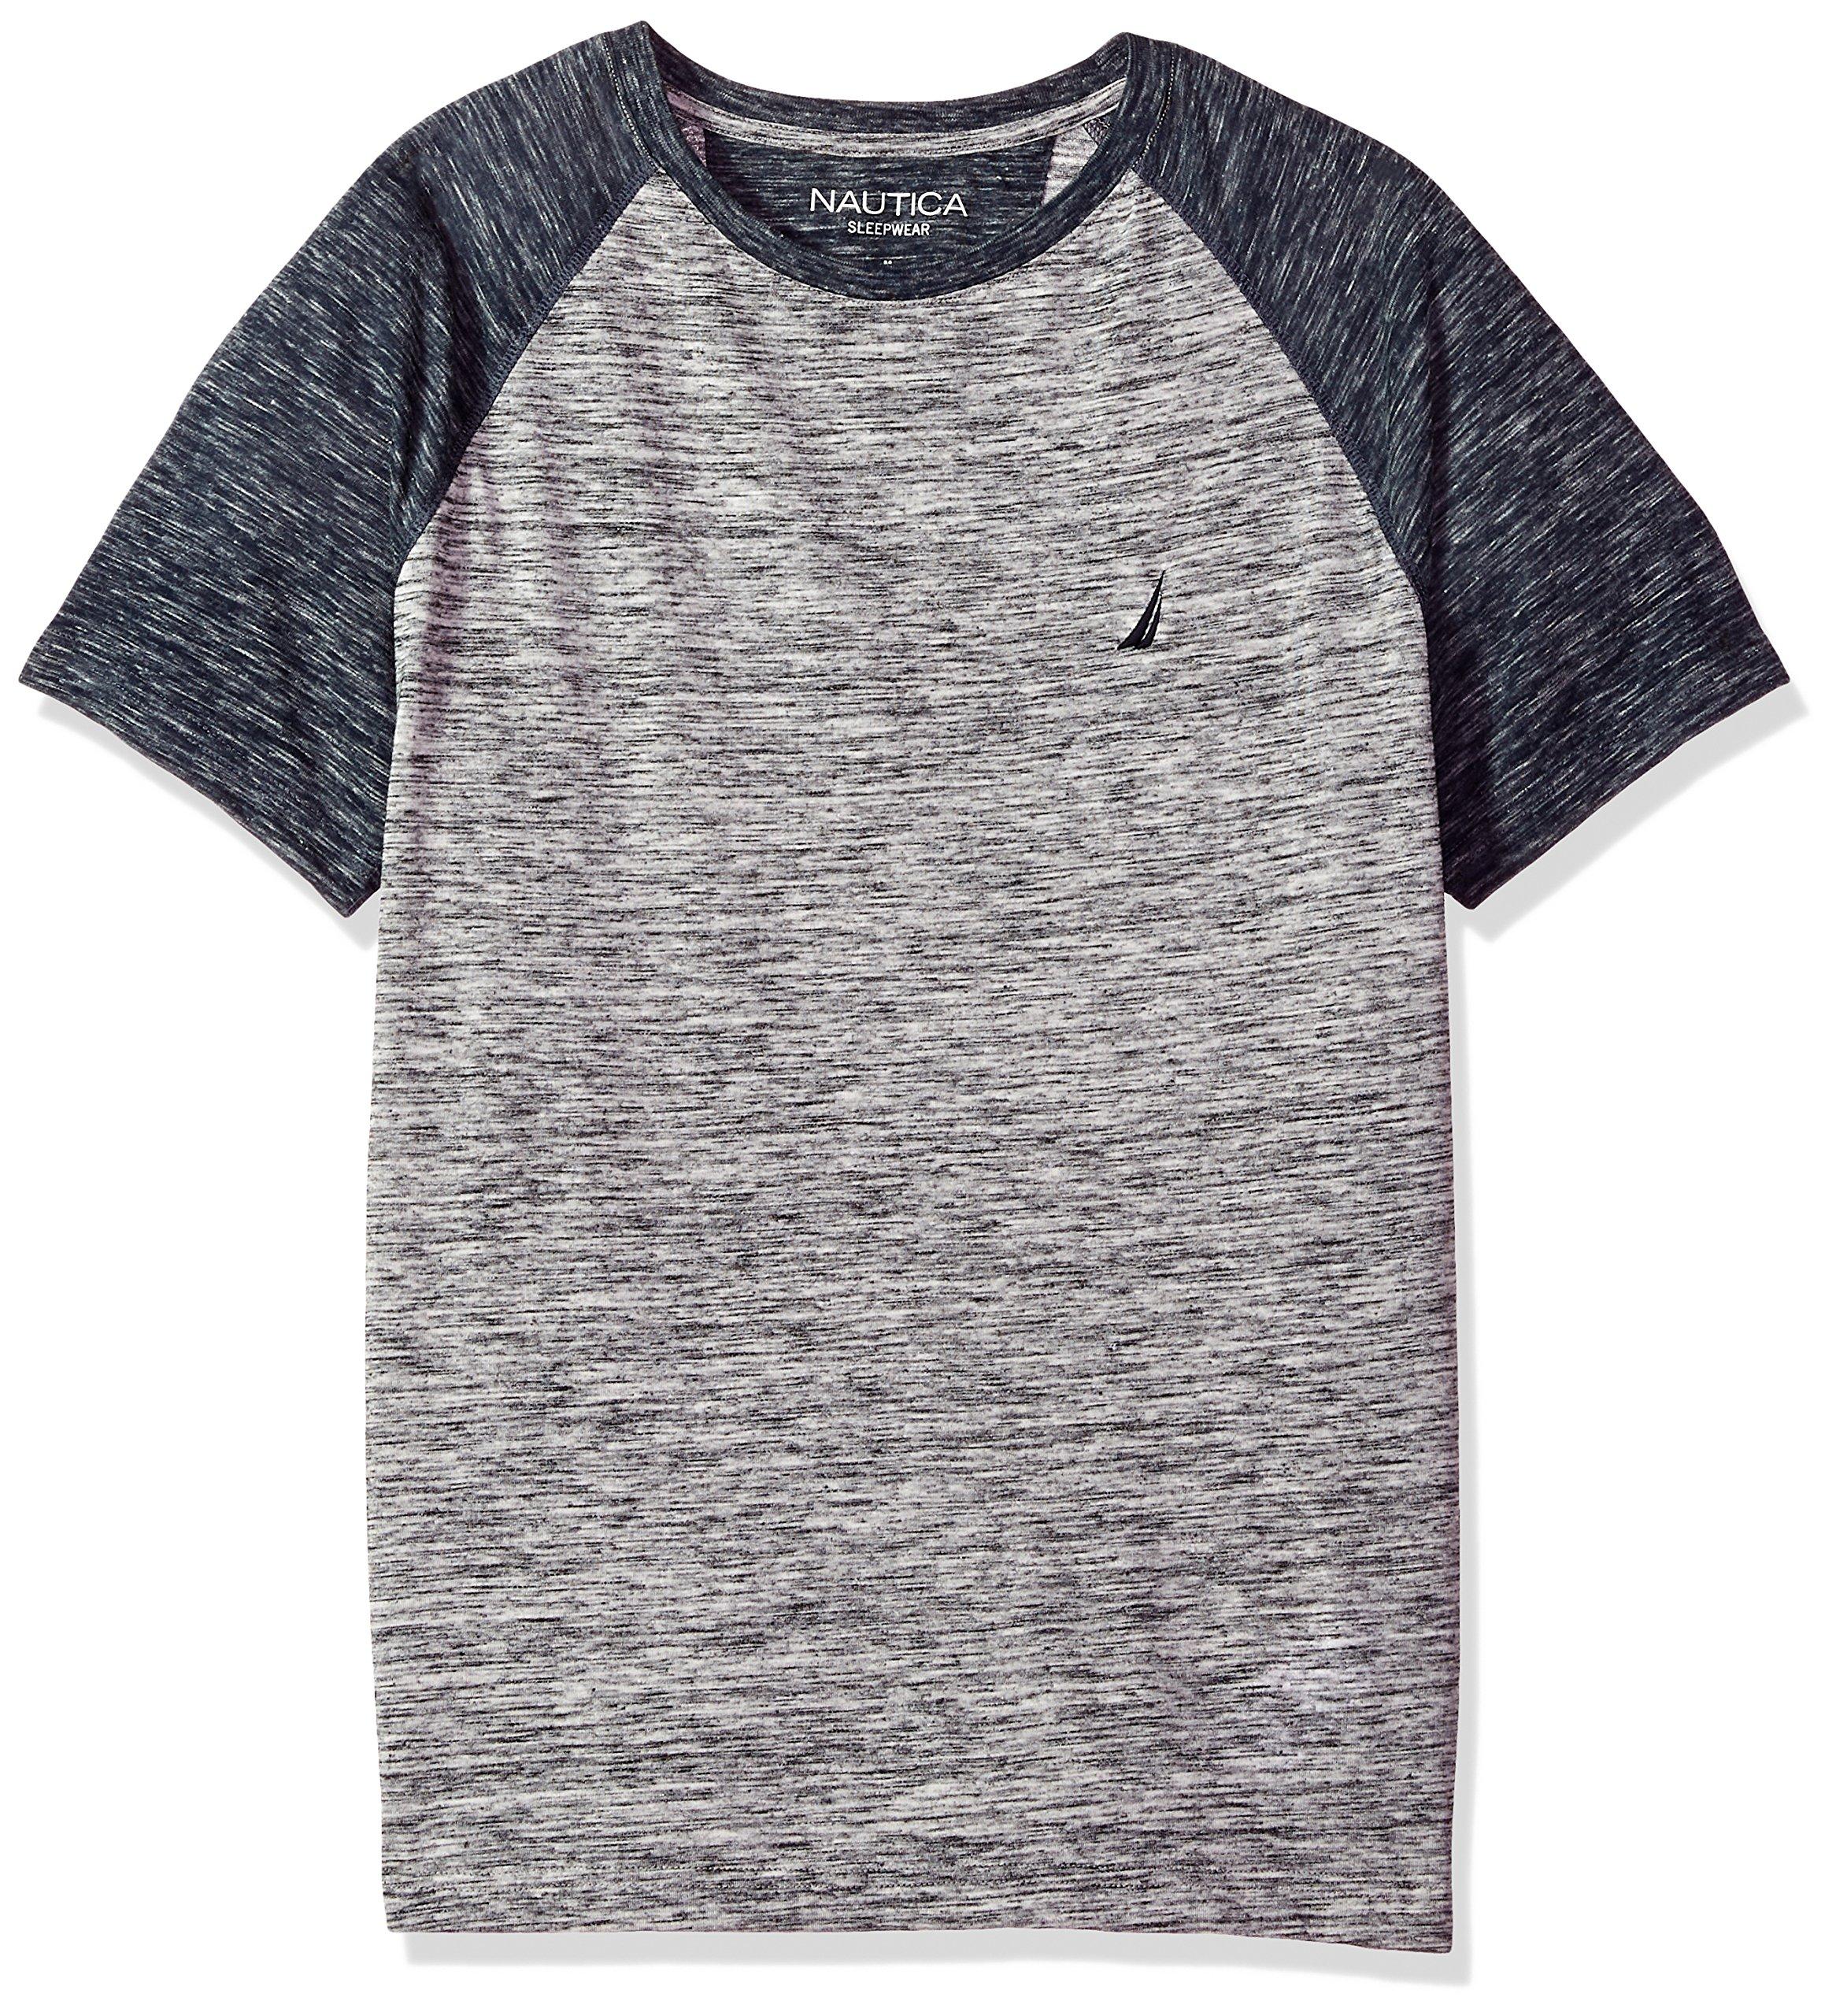 Nautica Men's Comfort Space Dye Contrast Tee, Gray/Gray, Medium